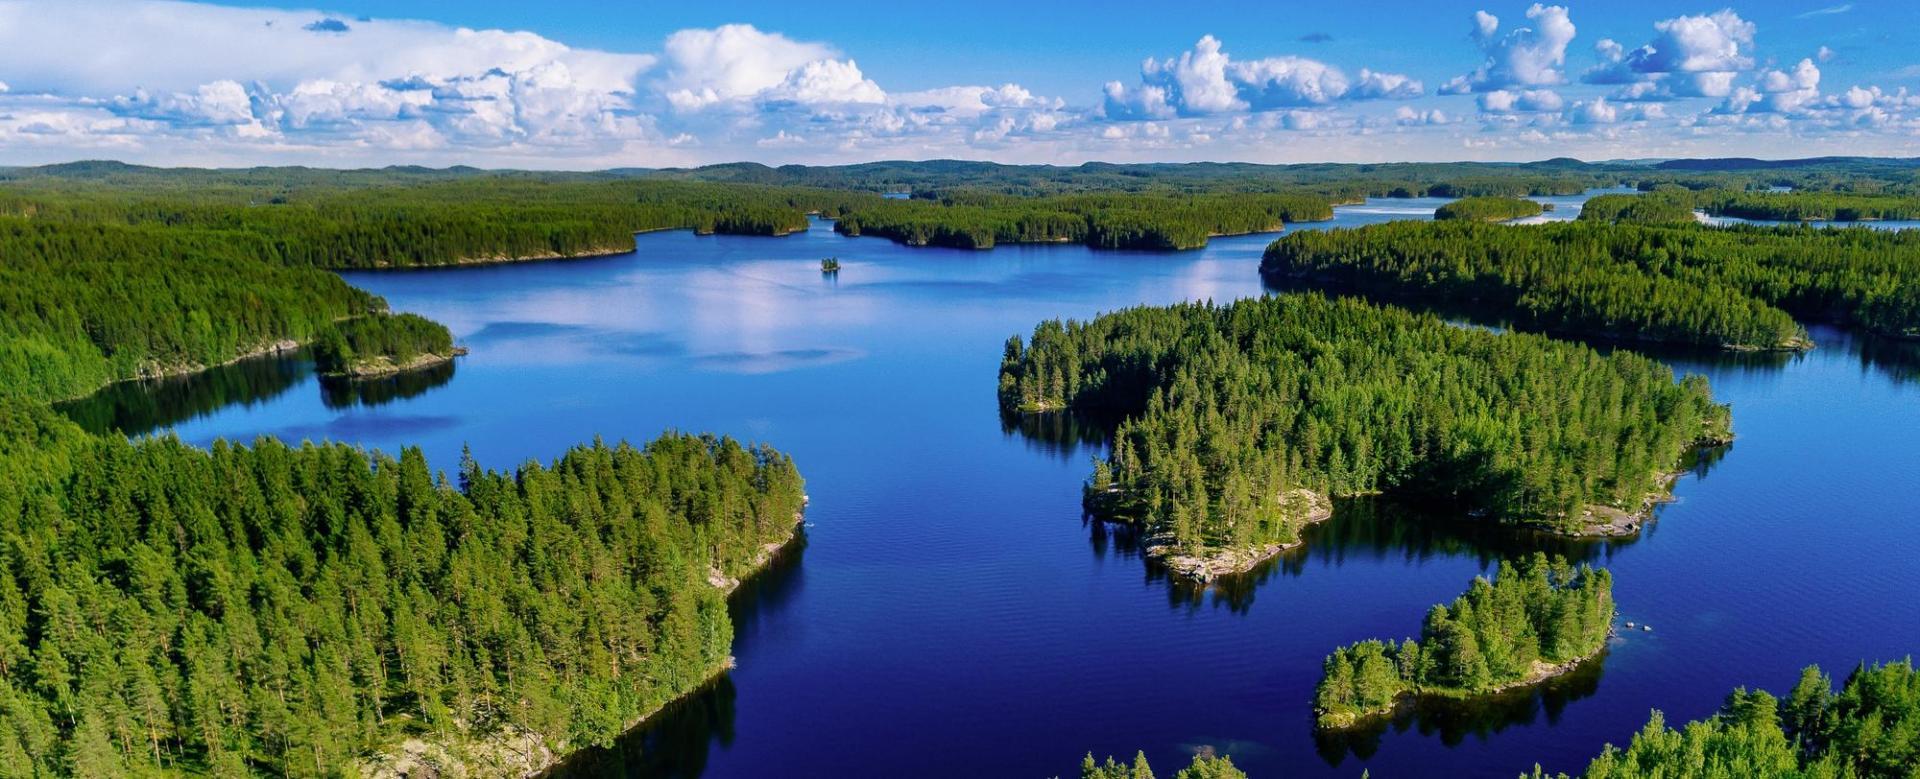 Voyage à pied Finlande : Escapade boréale sur une île